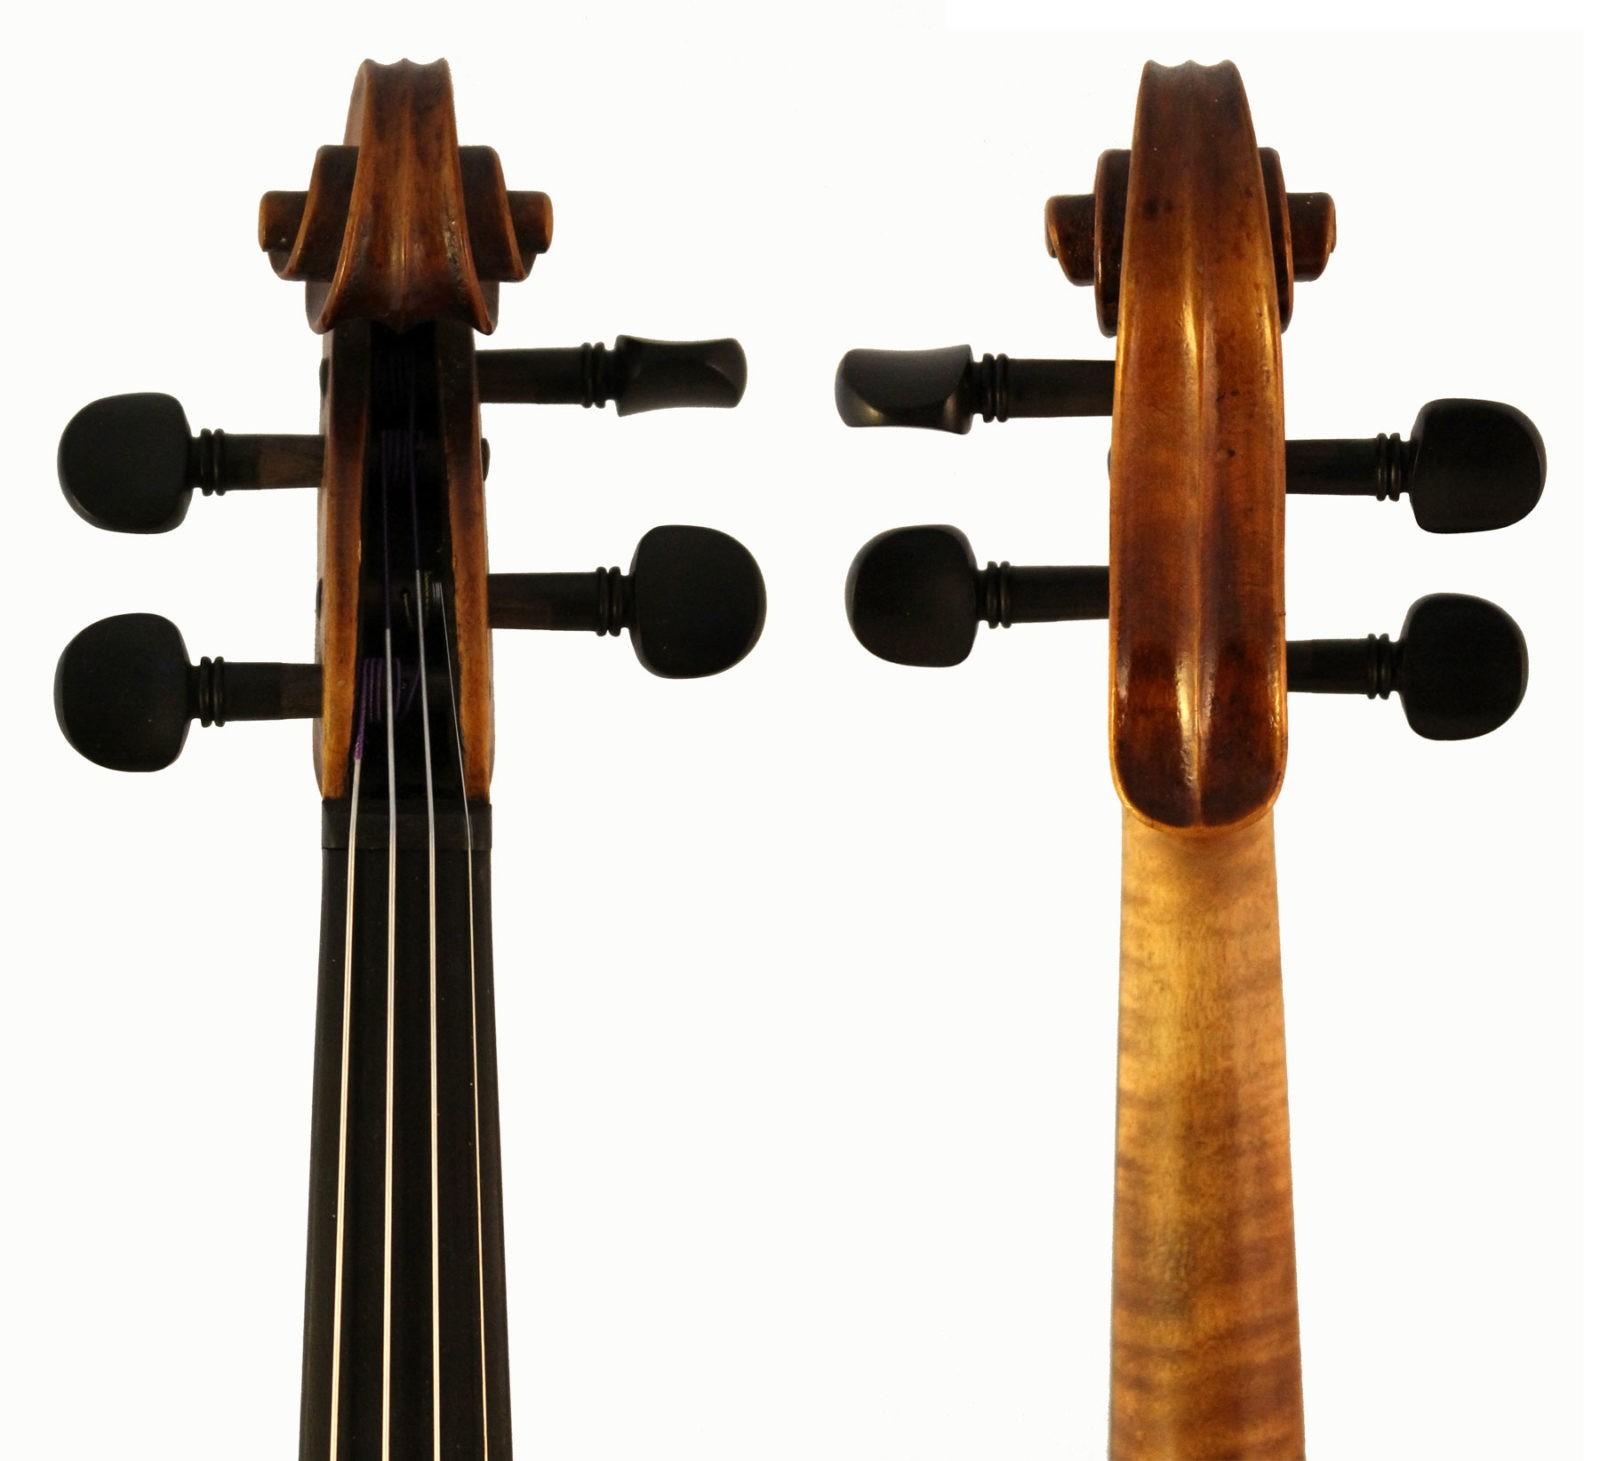 Roth Lederer violin scroll